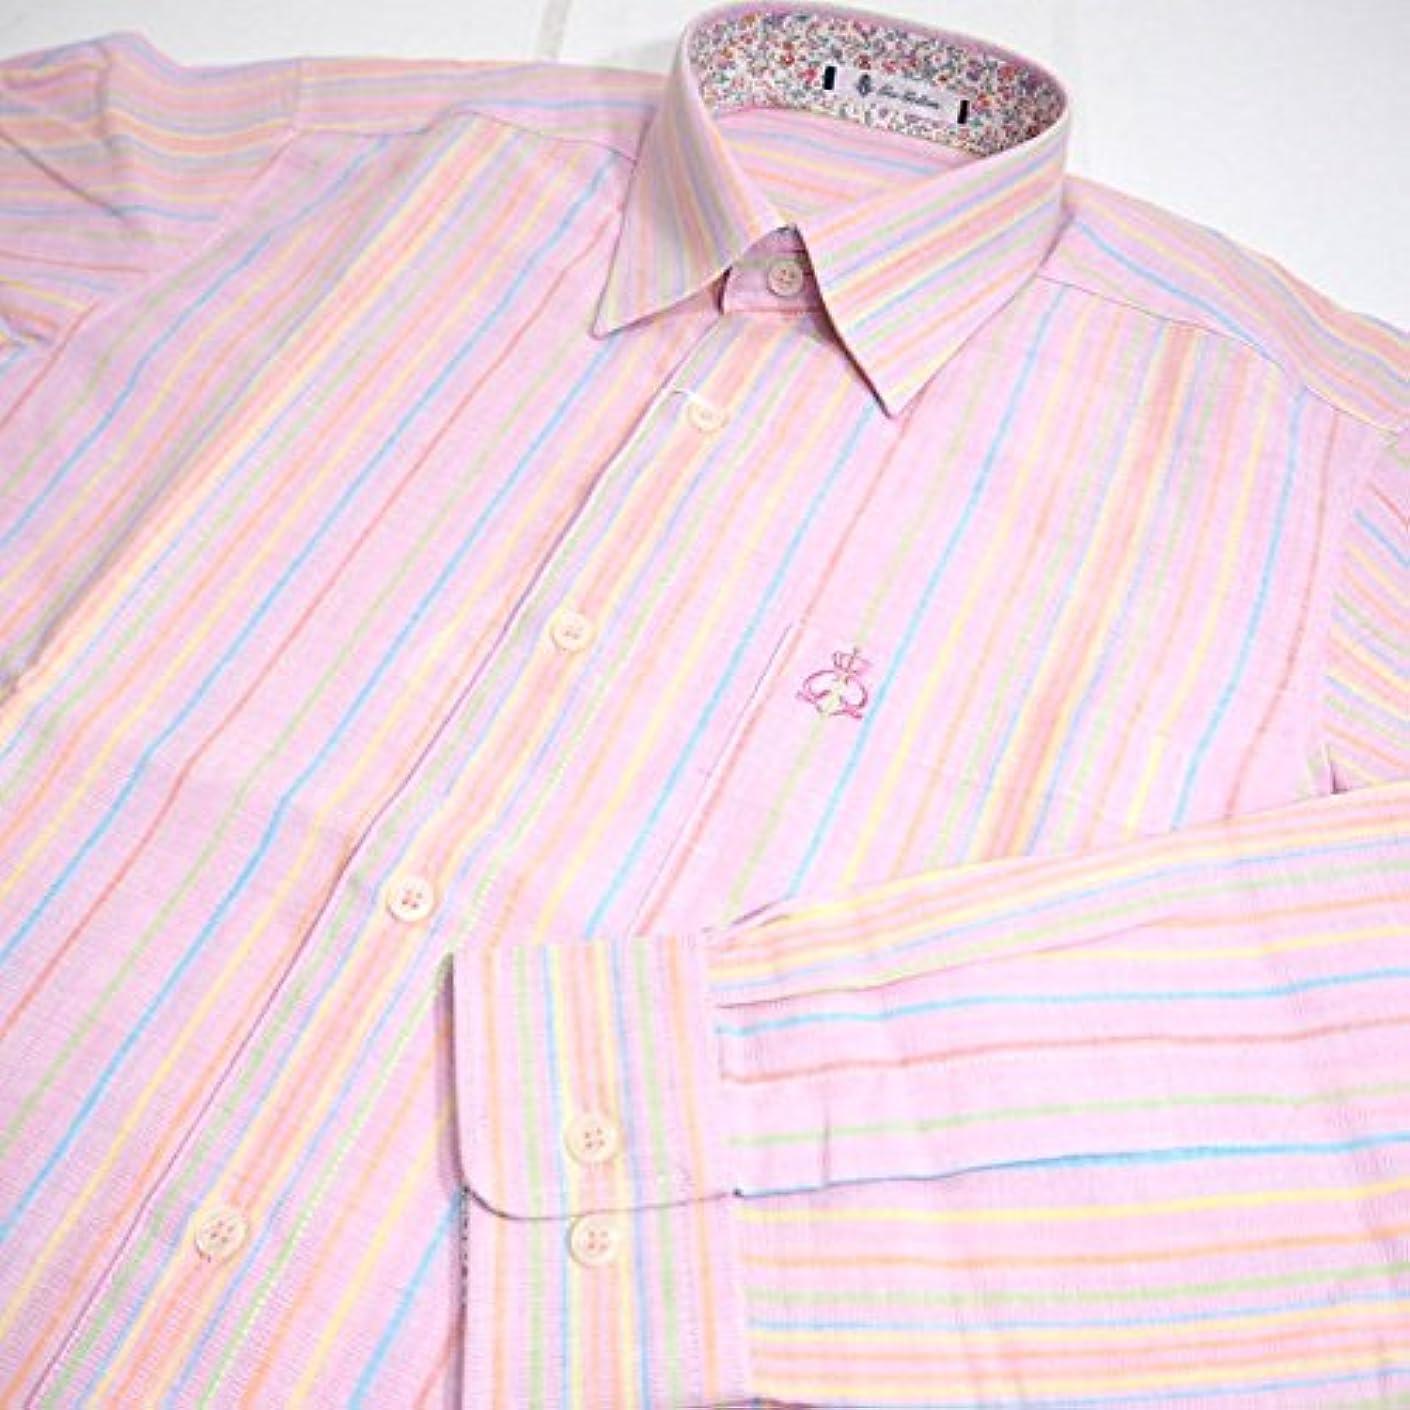 準備した寝てる法王30712 春夏 日本製 長袖シャツ 麻使用 ストライプ柄 ピンク(桃色) サイズ 48(L) G&G GEEGELLAN ジーゲラン 紳士服 メンズ 男性用